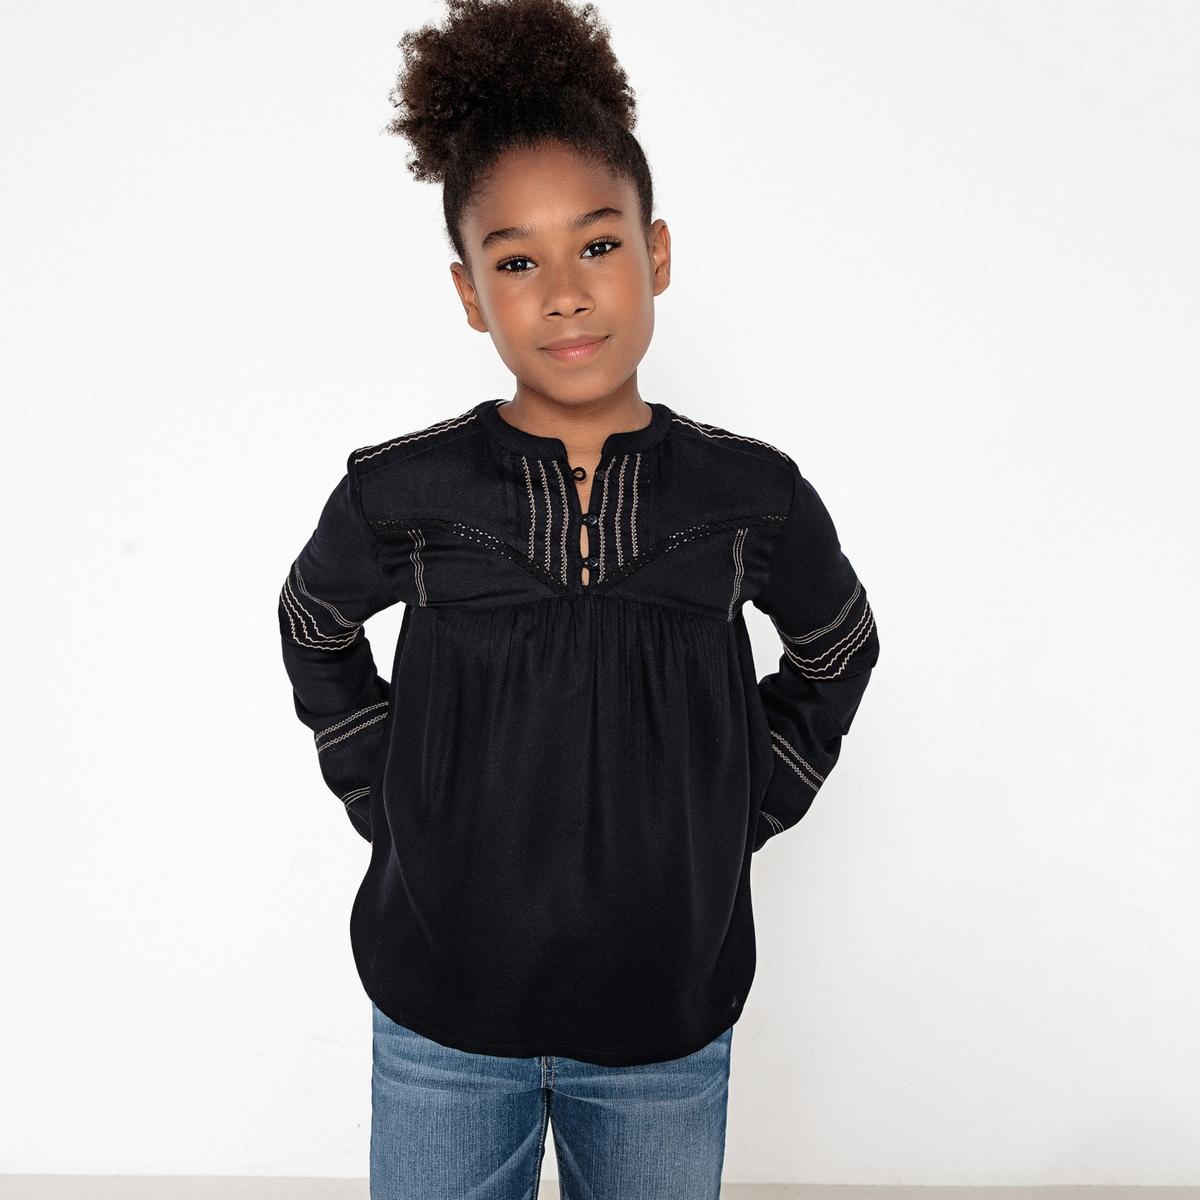 Рубашка в стиле фолк, 10-16 лет блузка с вышивкой в стиле фолк